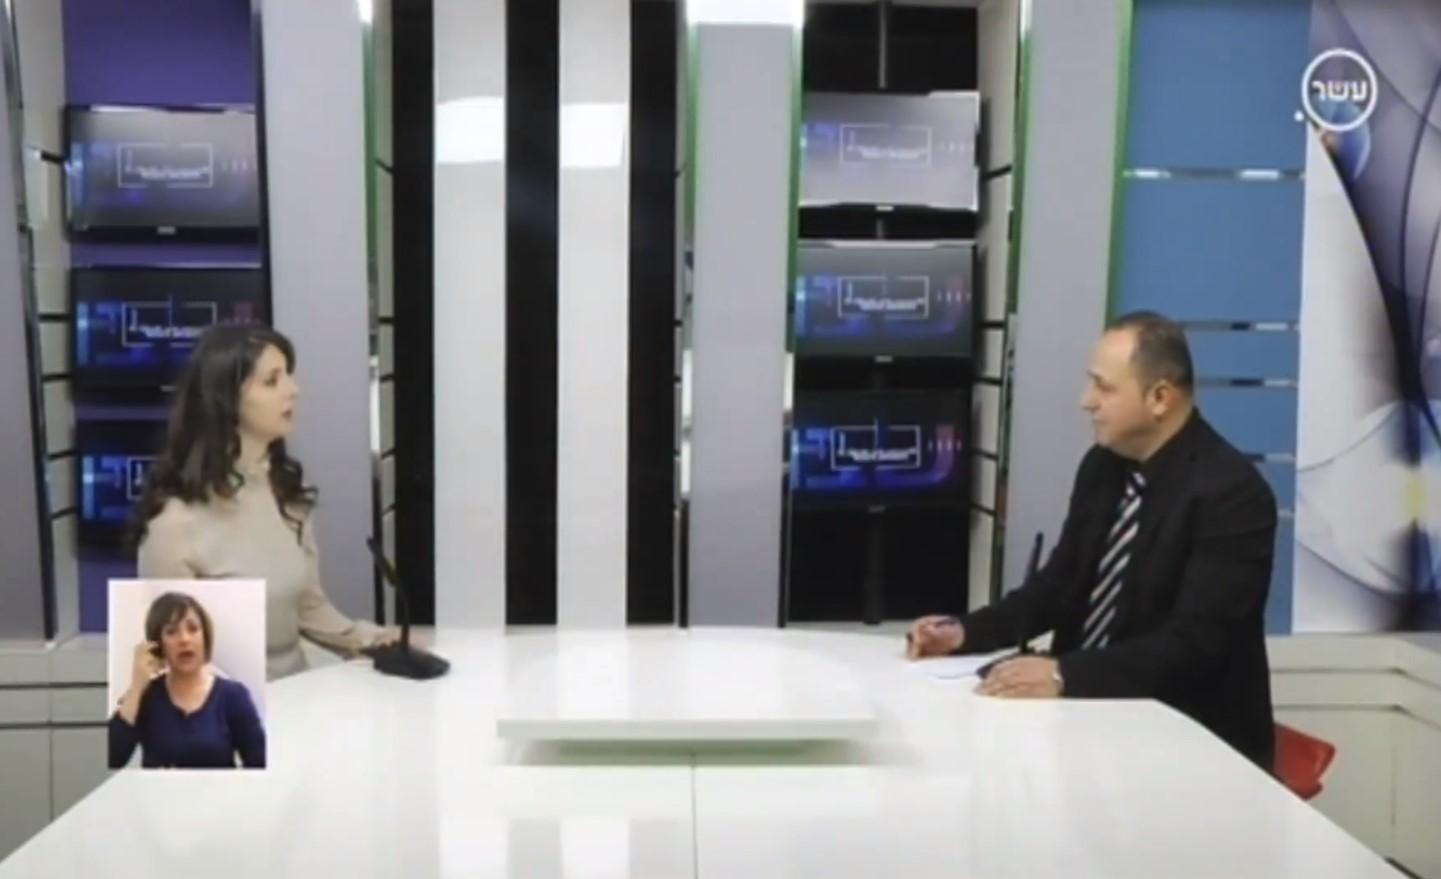 ריאיון טלווייזוני בחדשות ערוץ 10 בערבית